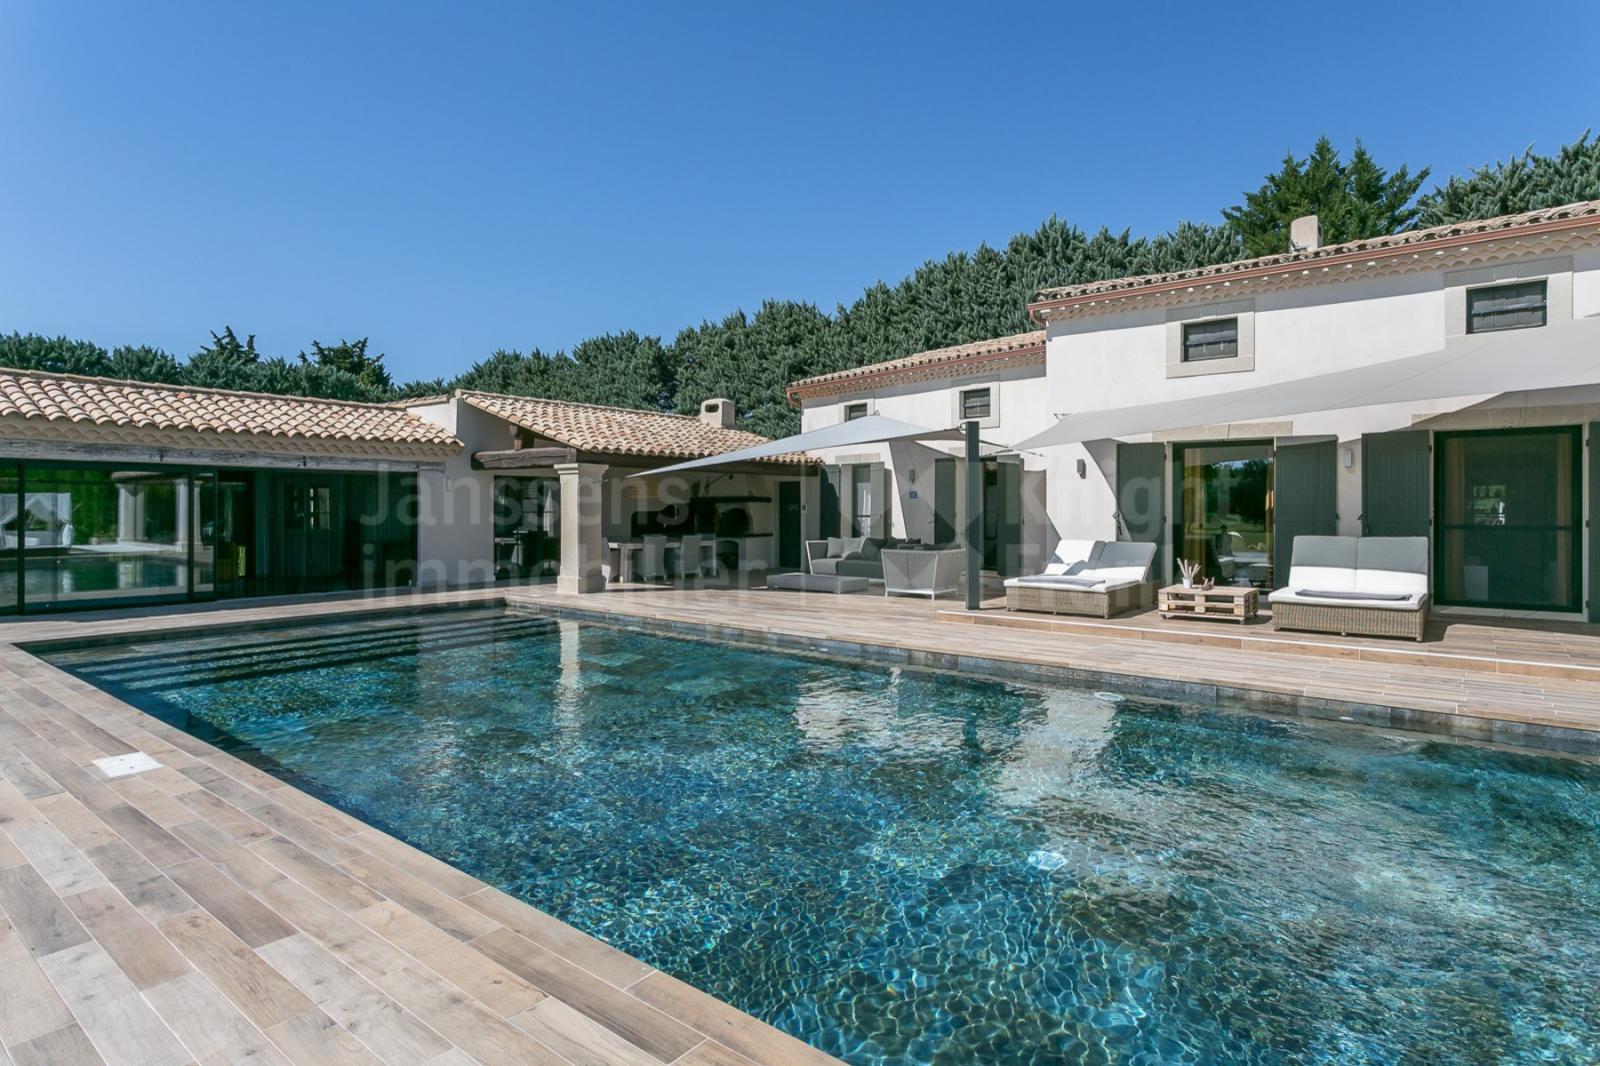 Villa Contemporaine Avec Piscine À Vendre Dans La Plaine De ... serapportantà Maison A Vendre Avec Piscine